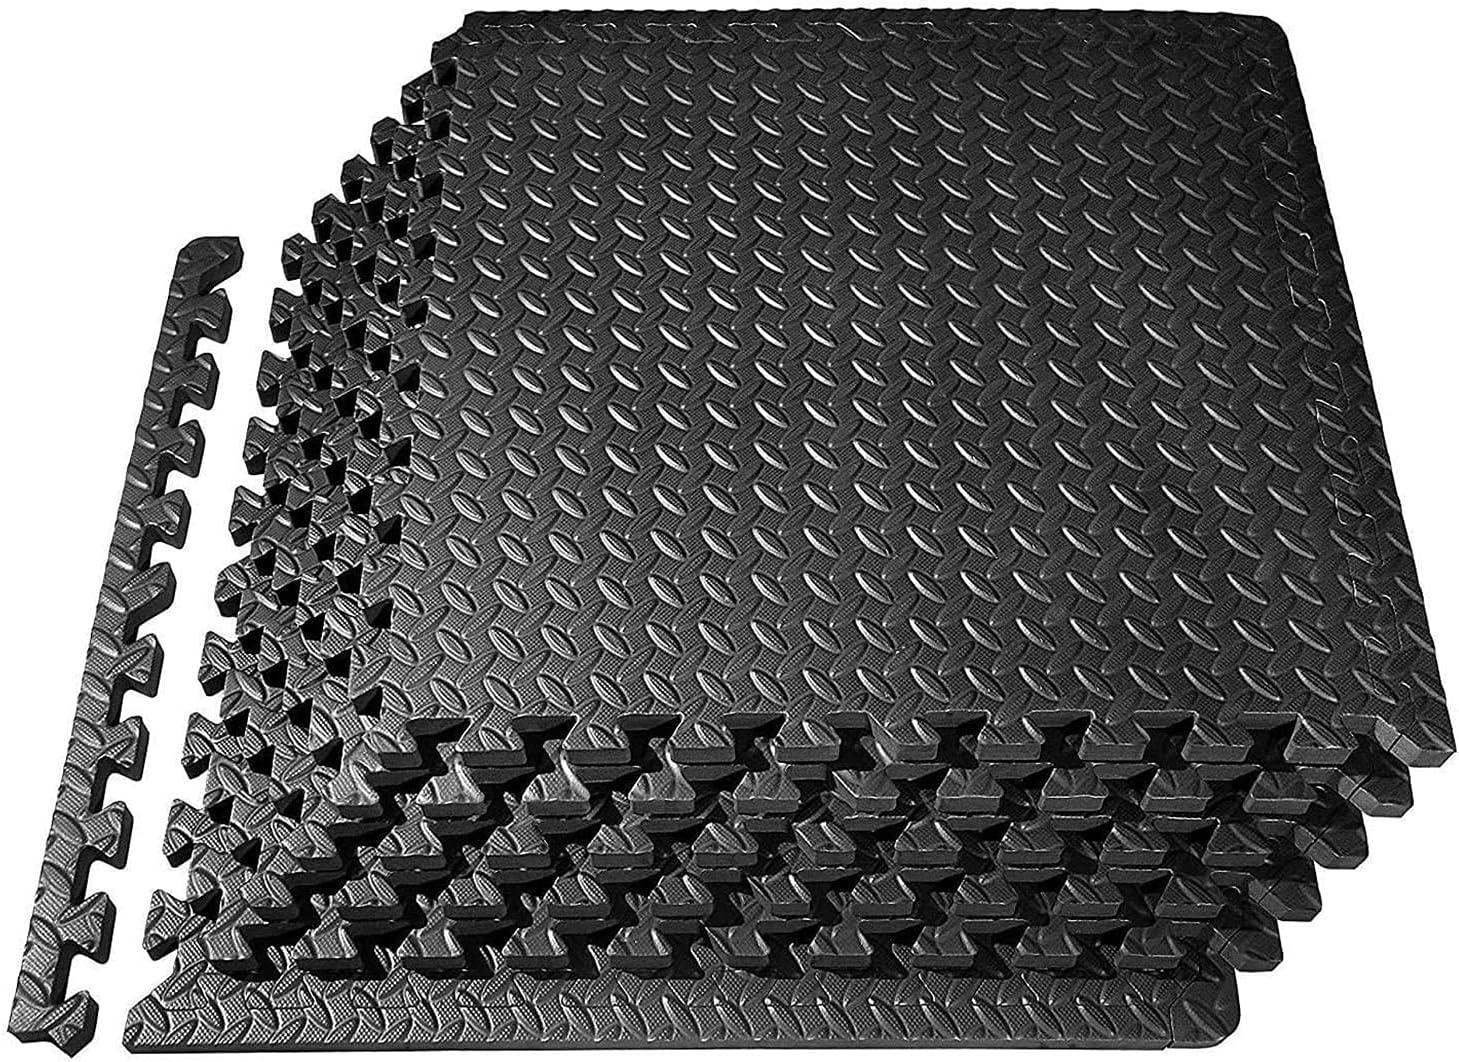 XQKXHZ Foam Mat Max 73% OFF Floor Tiles Ma Exercise Interlocking Surprise price Puzzle EVA